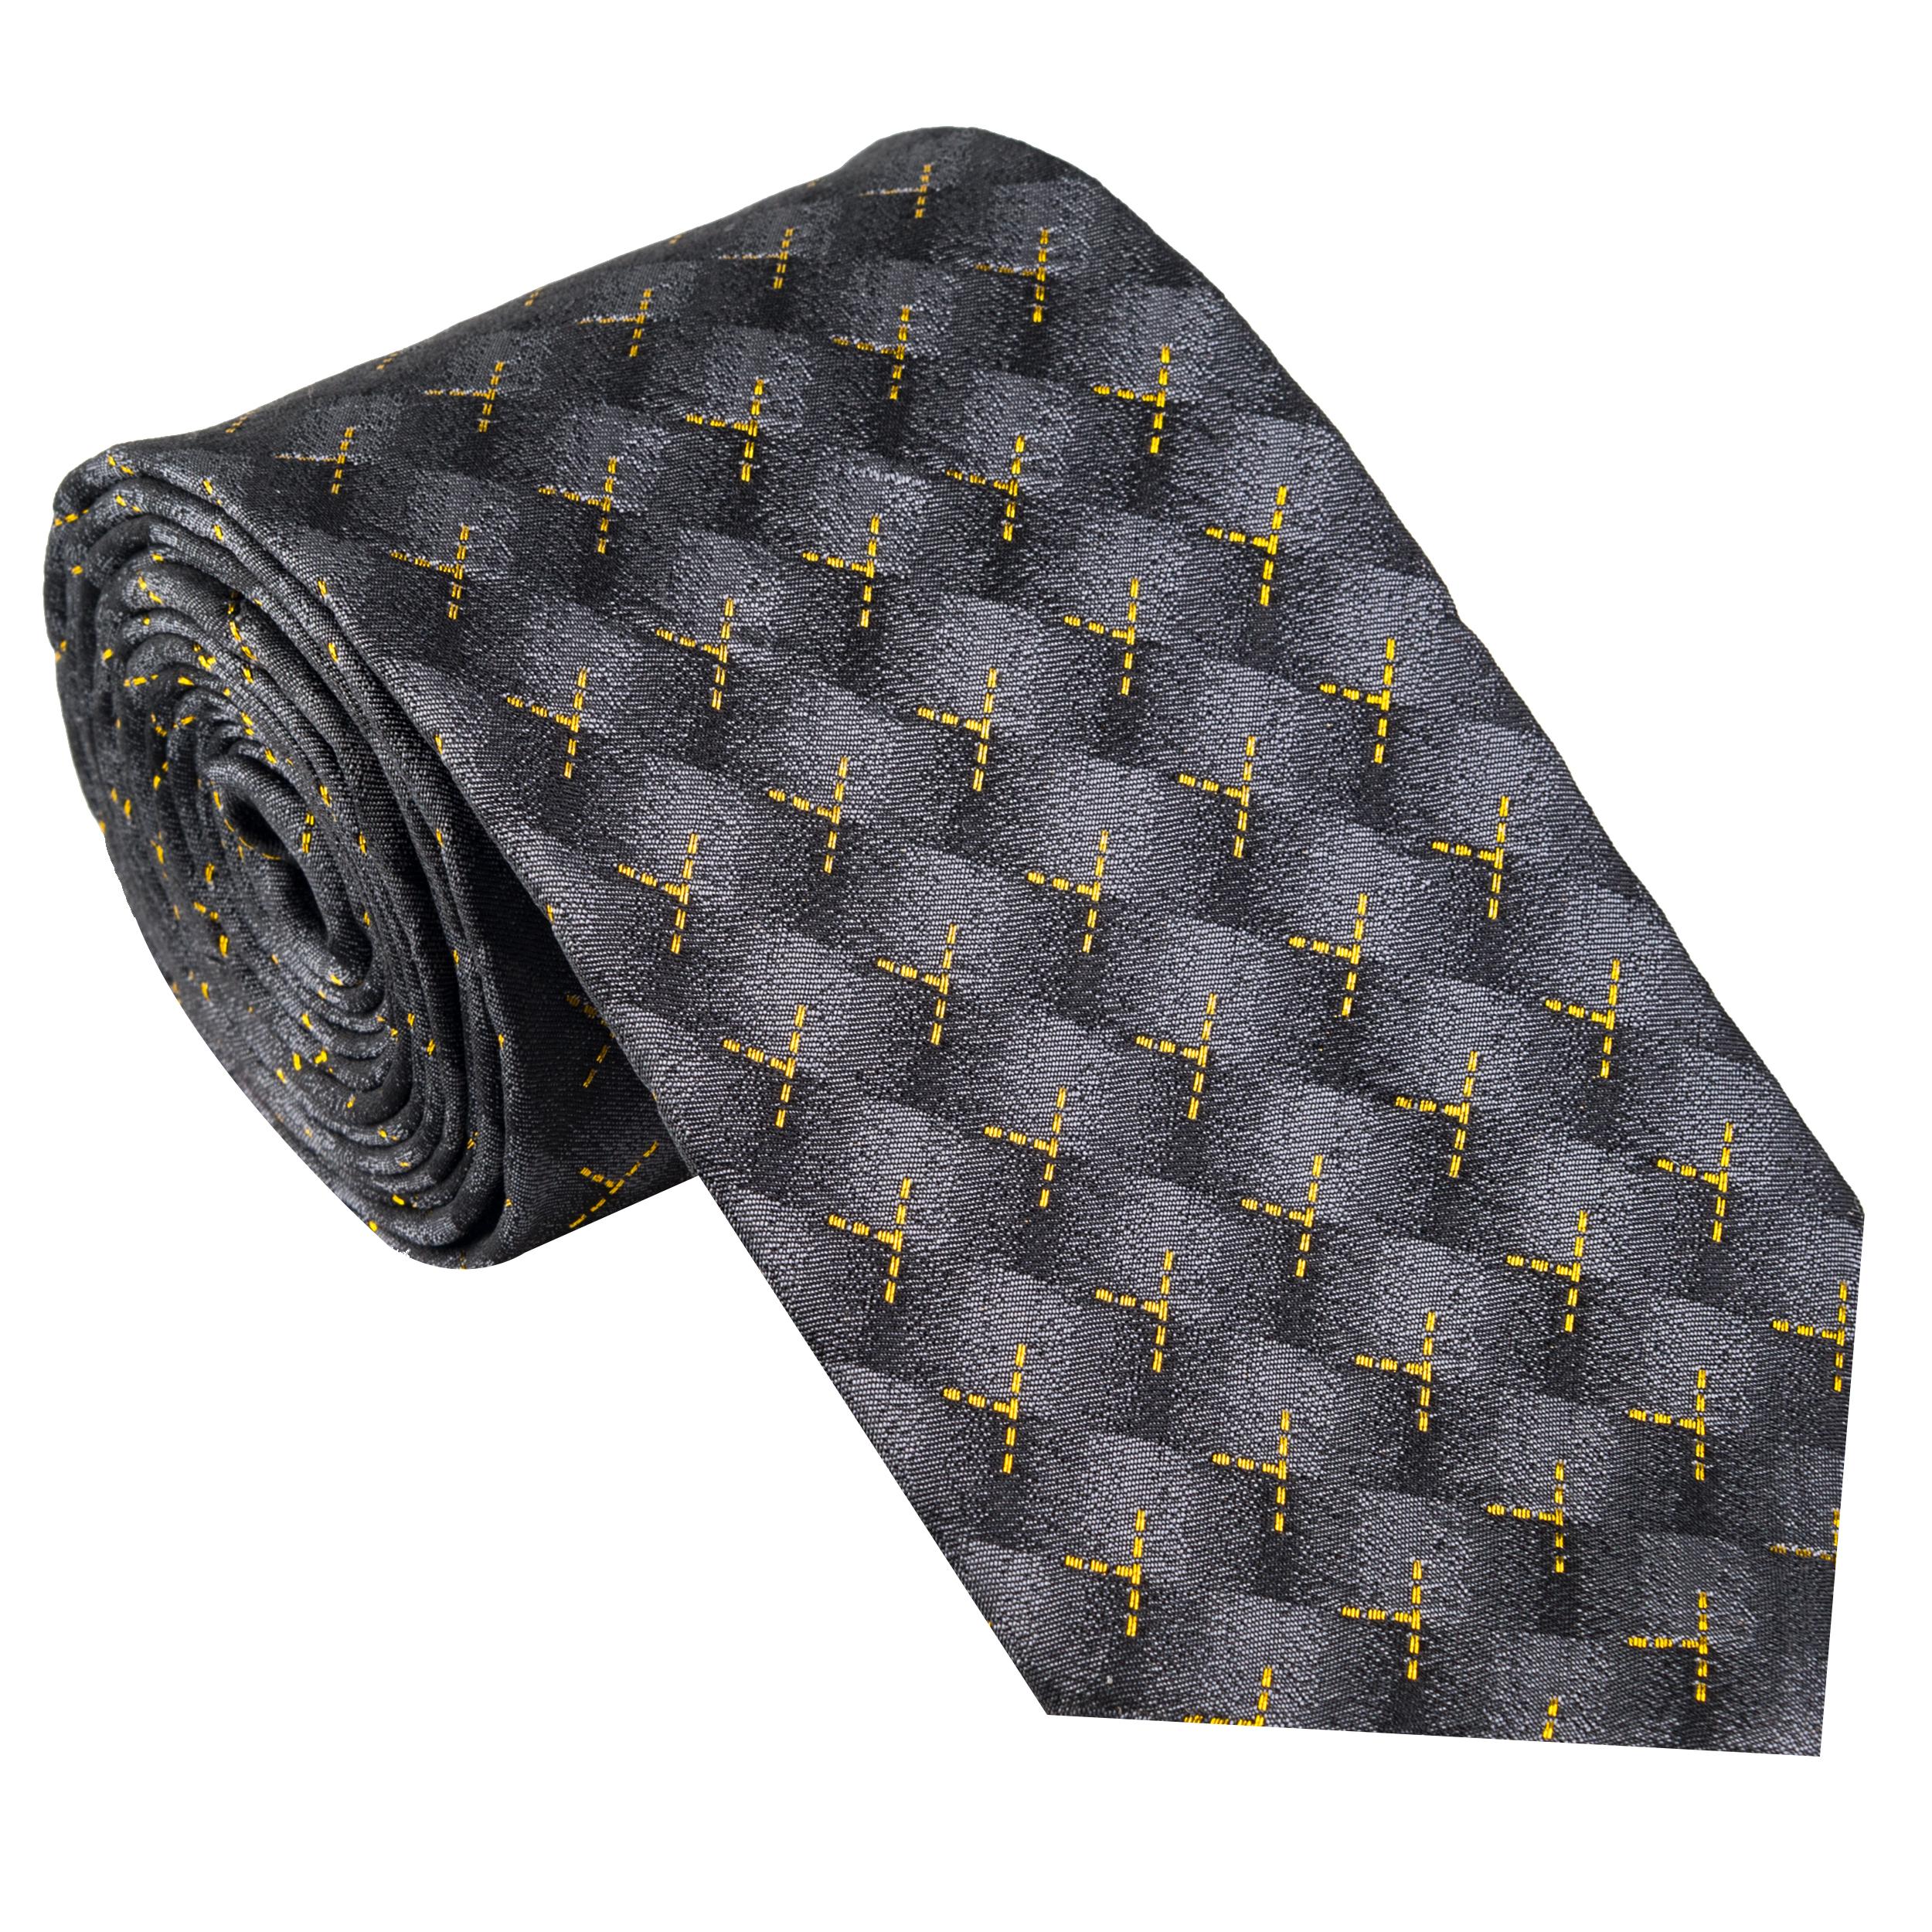 کراوات مردانه جیان فرانکو روسی مدل GF-ST507-GR